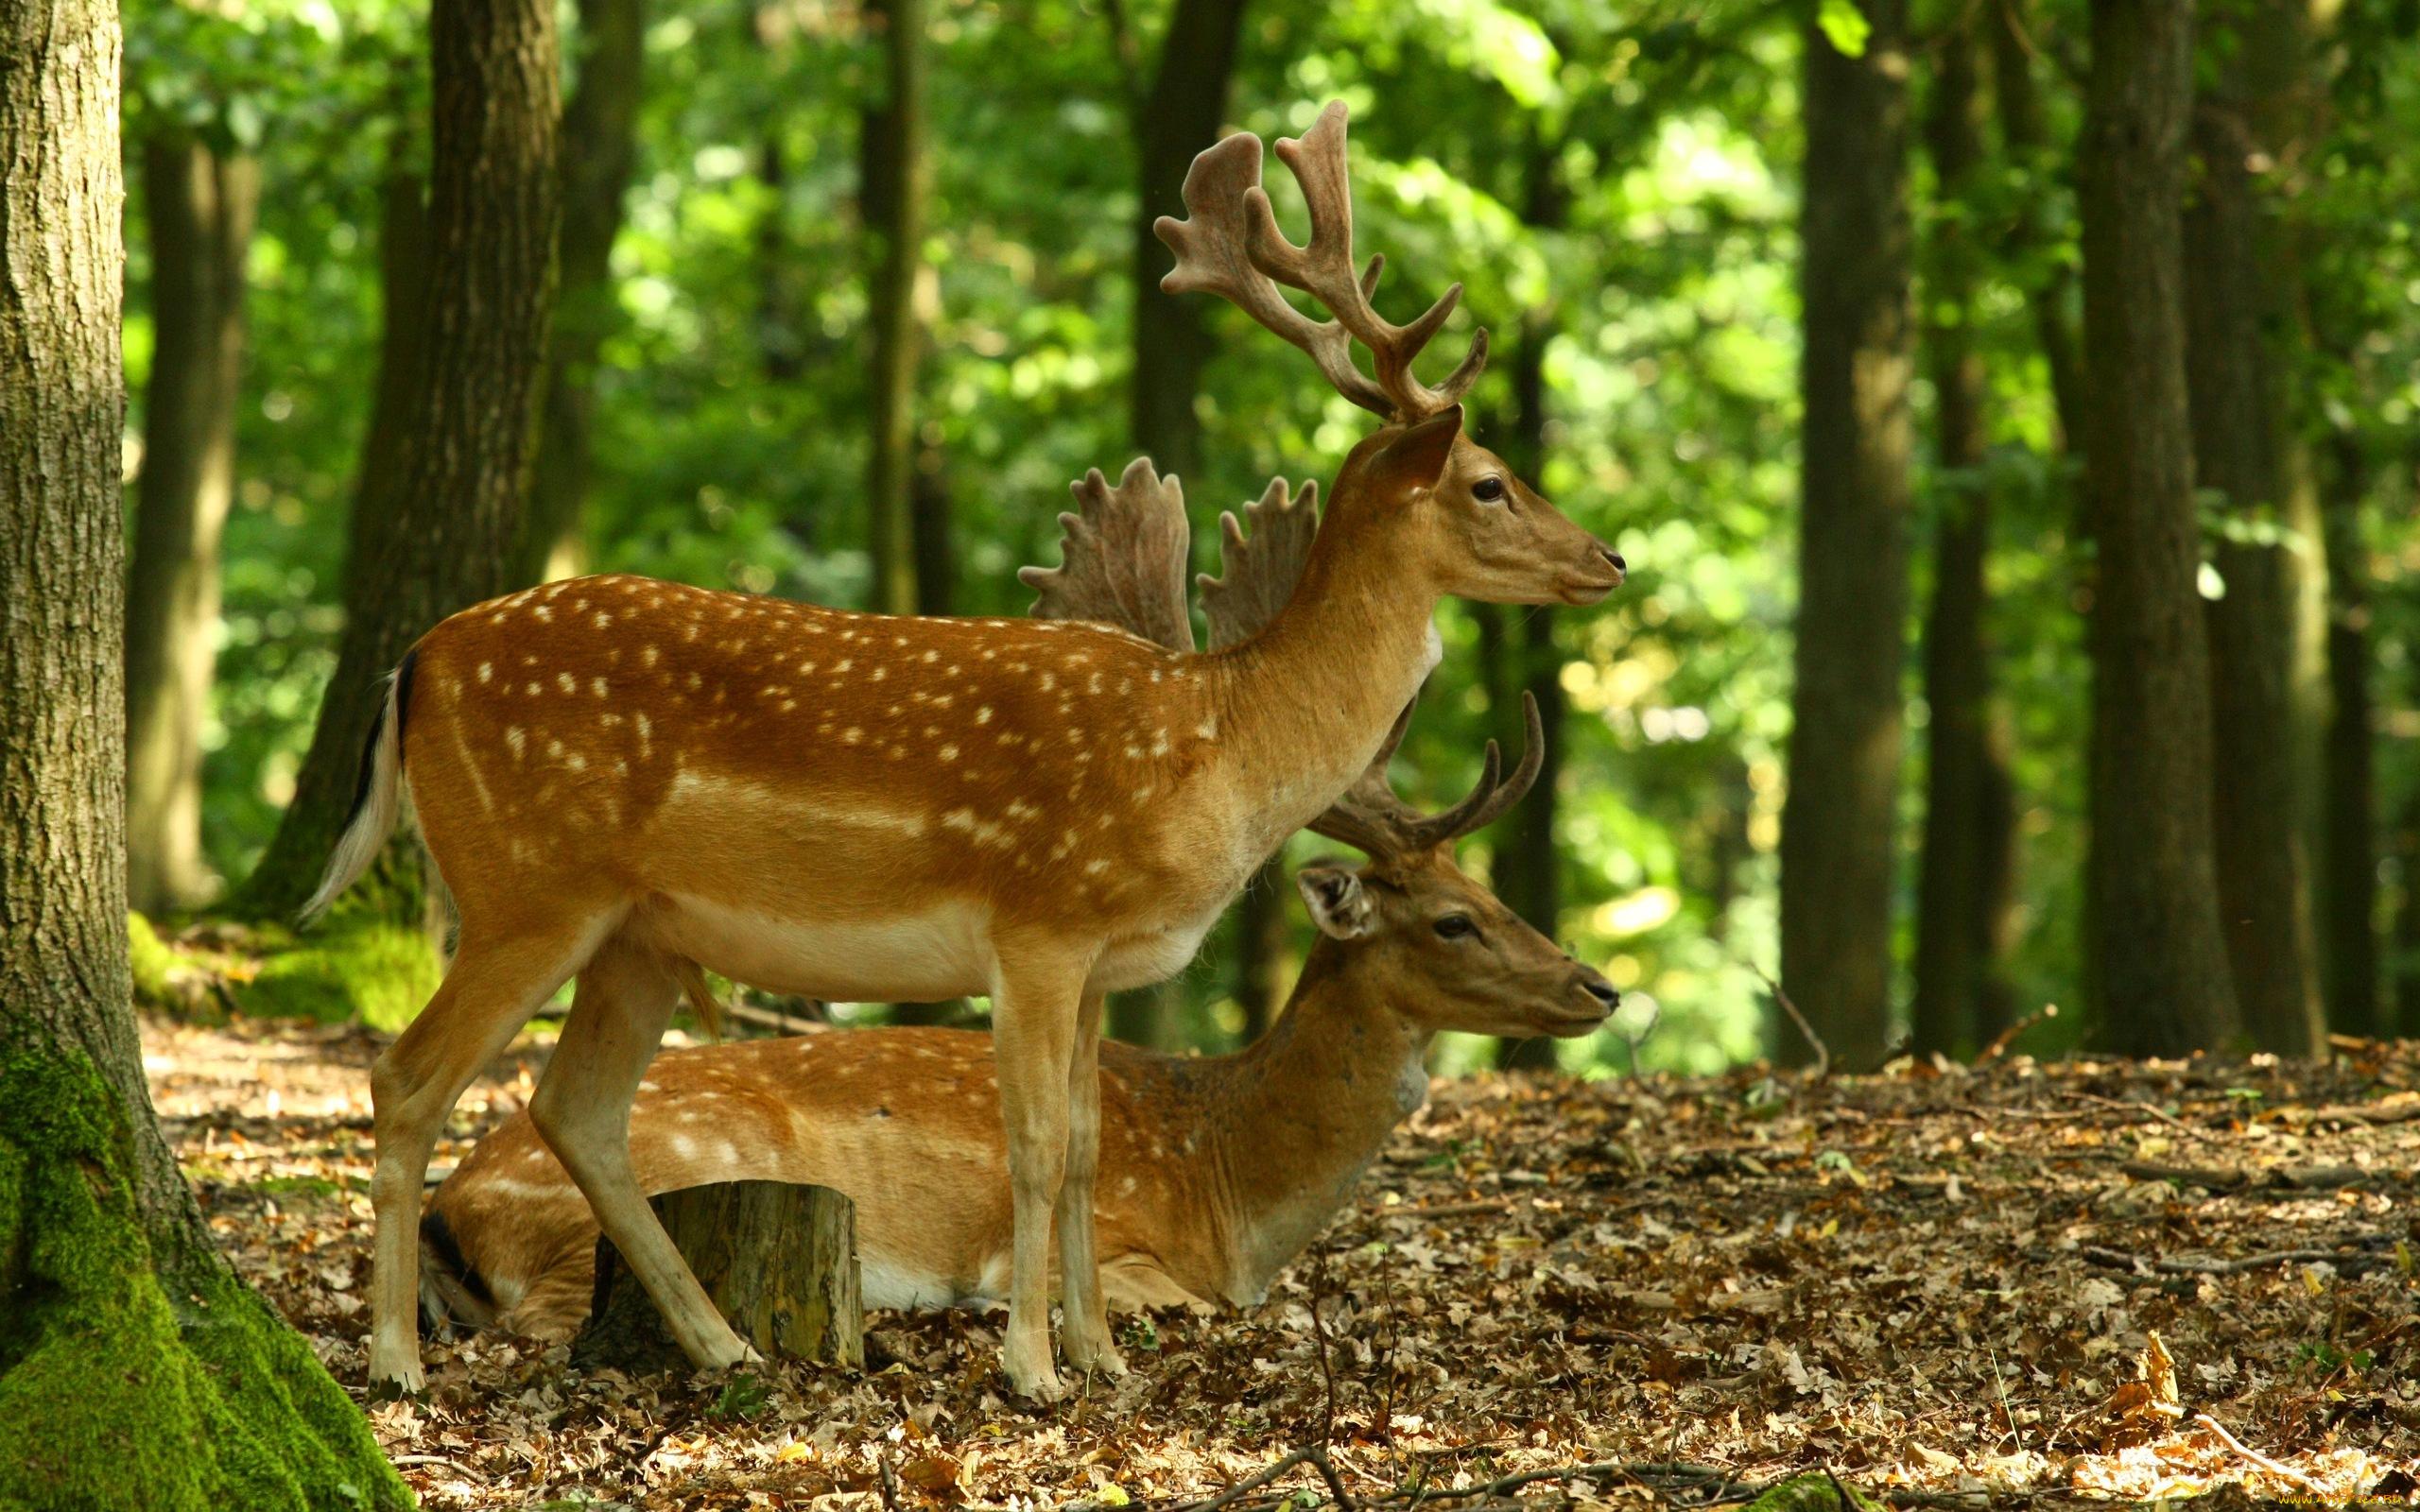 природа лес олень животное деревья загрузить